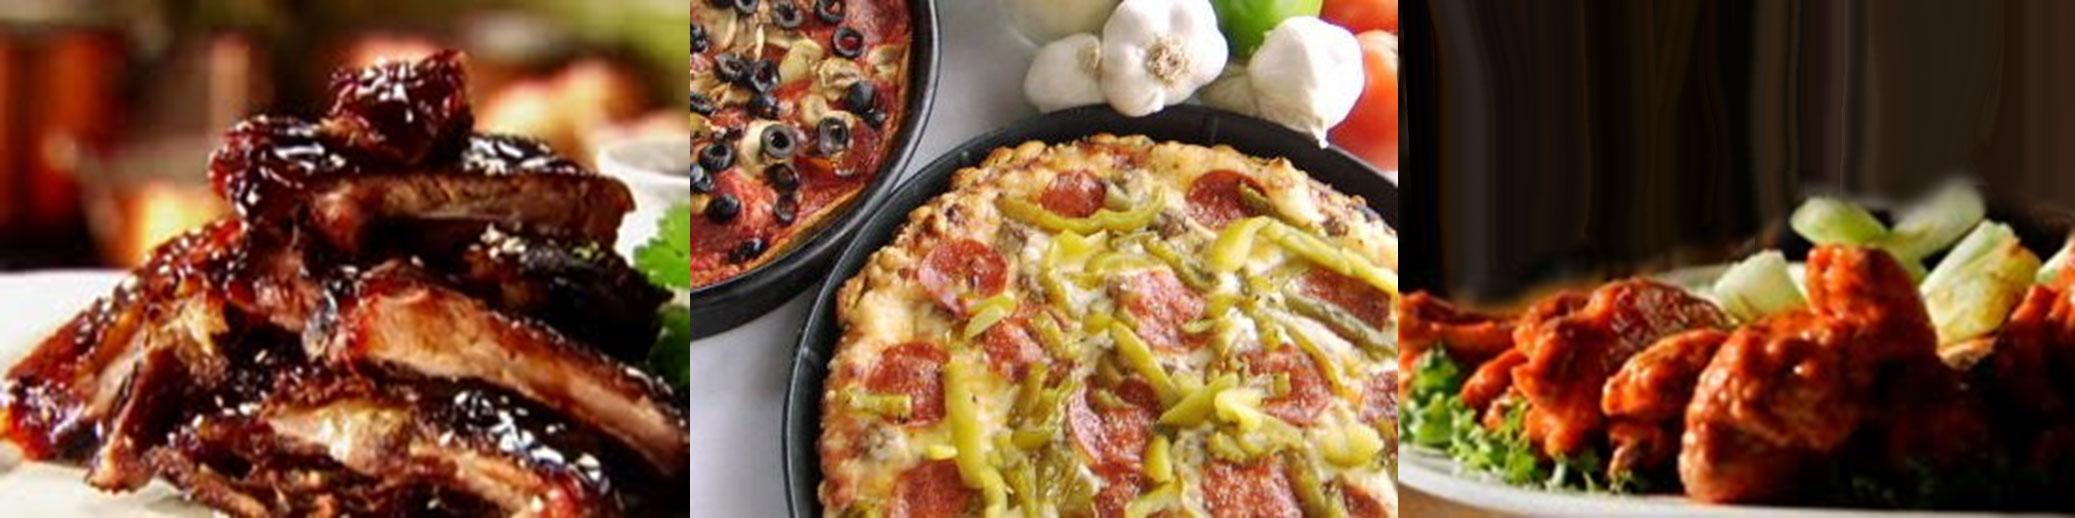 Regular Pizza & Rib Deal